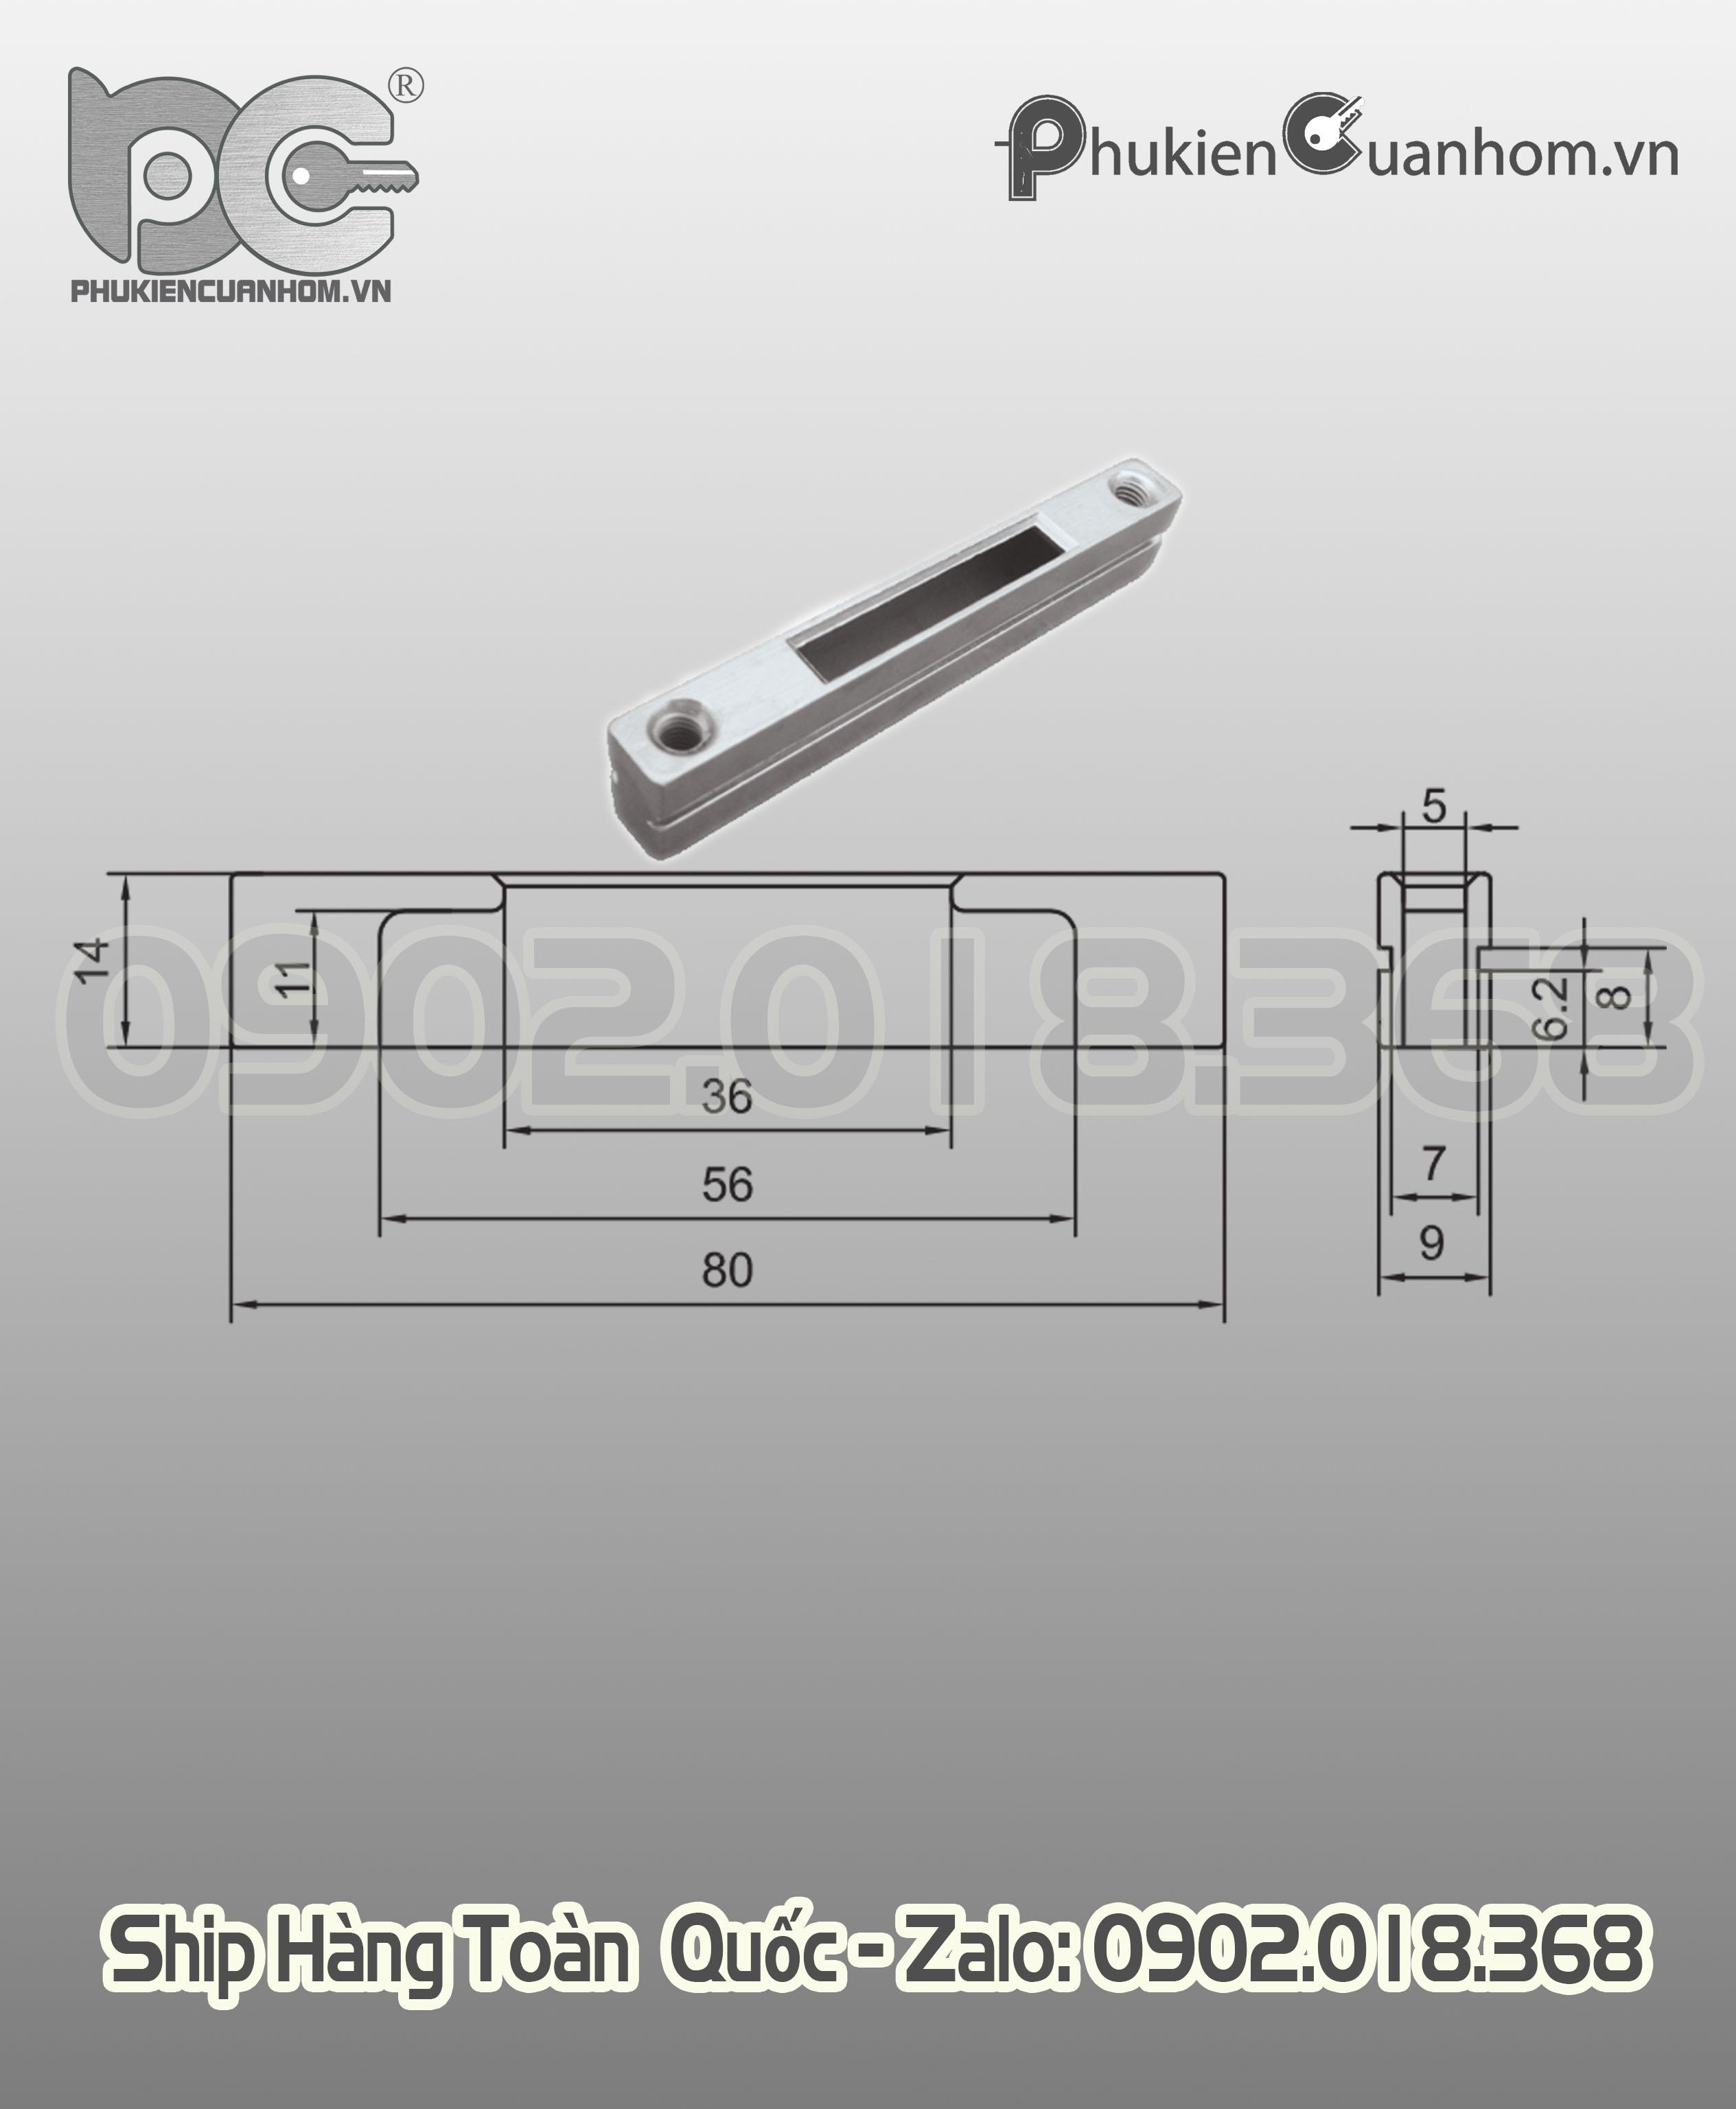 Hảm khóa cửa lùa hiệu KinLong chính hãng - TLK-14